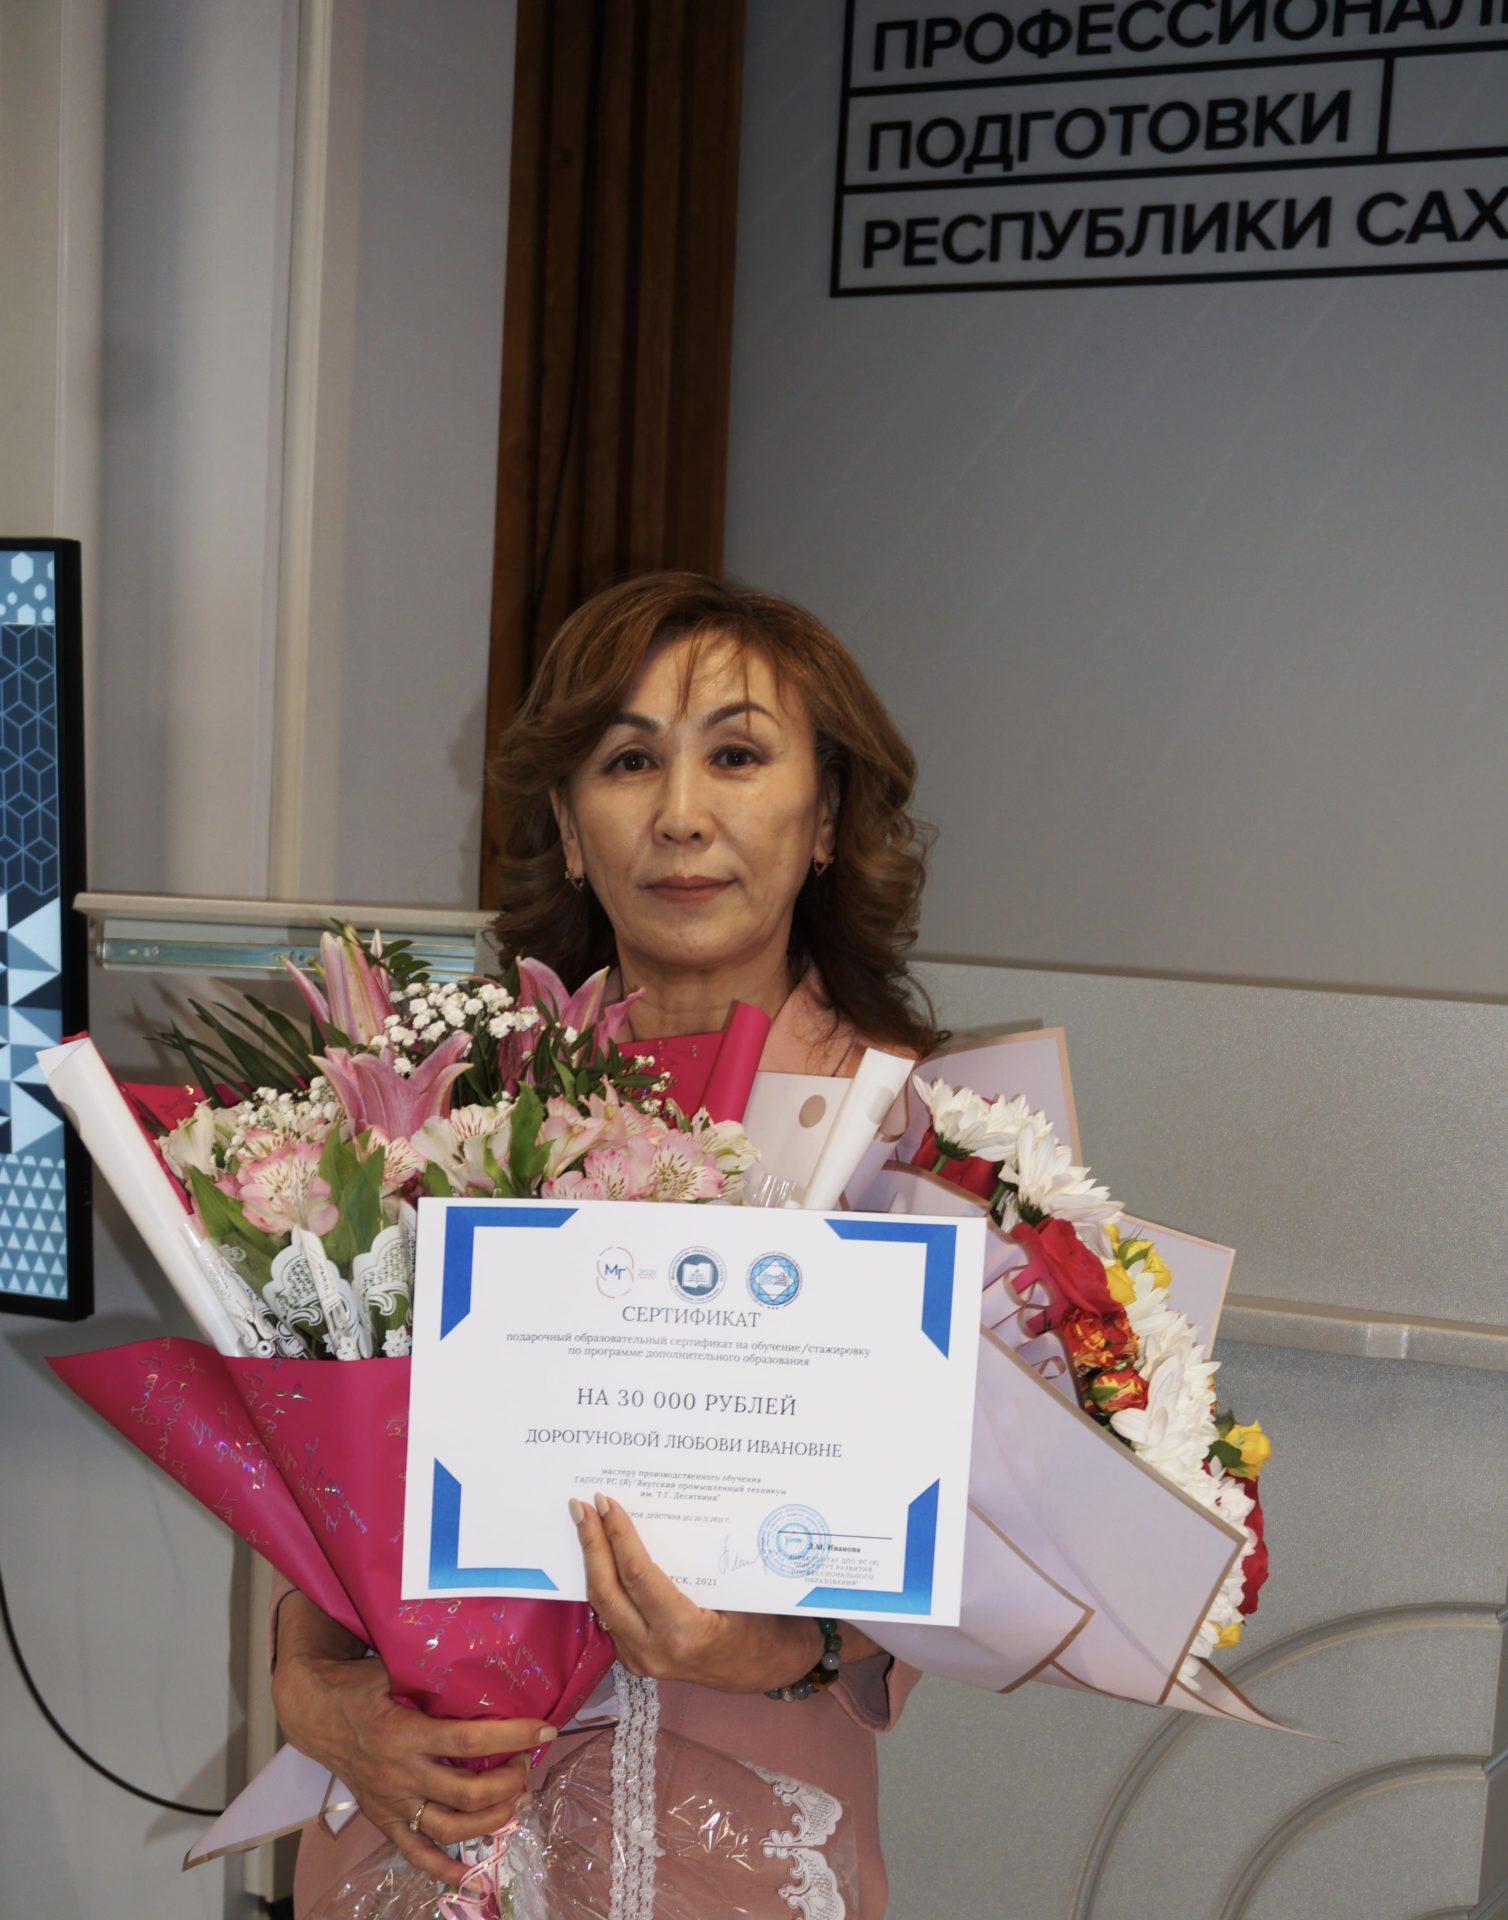 Якутянка Любовь Дорогунова примет участие в финале Всероссийского конкурса «Мастер года»